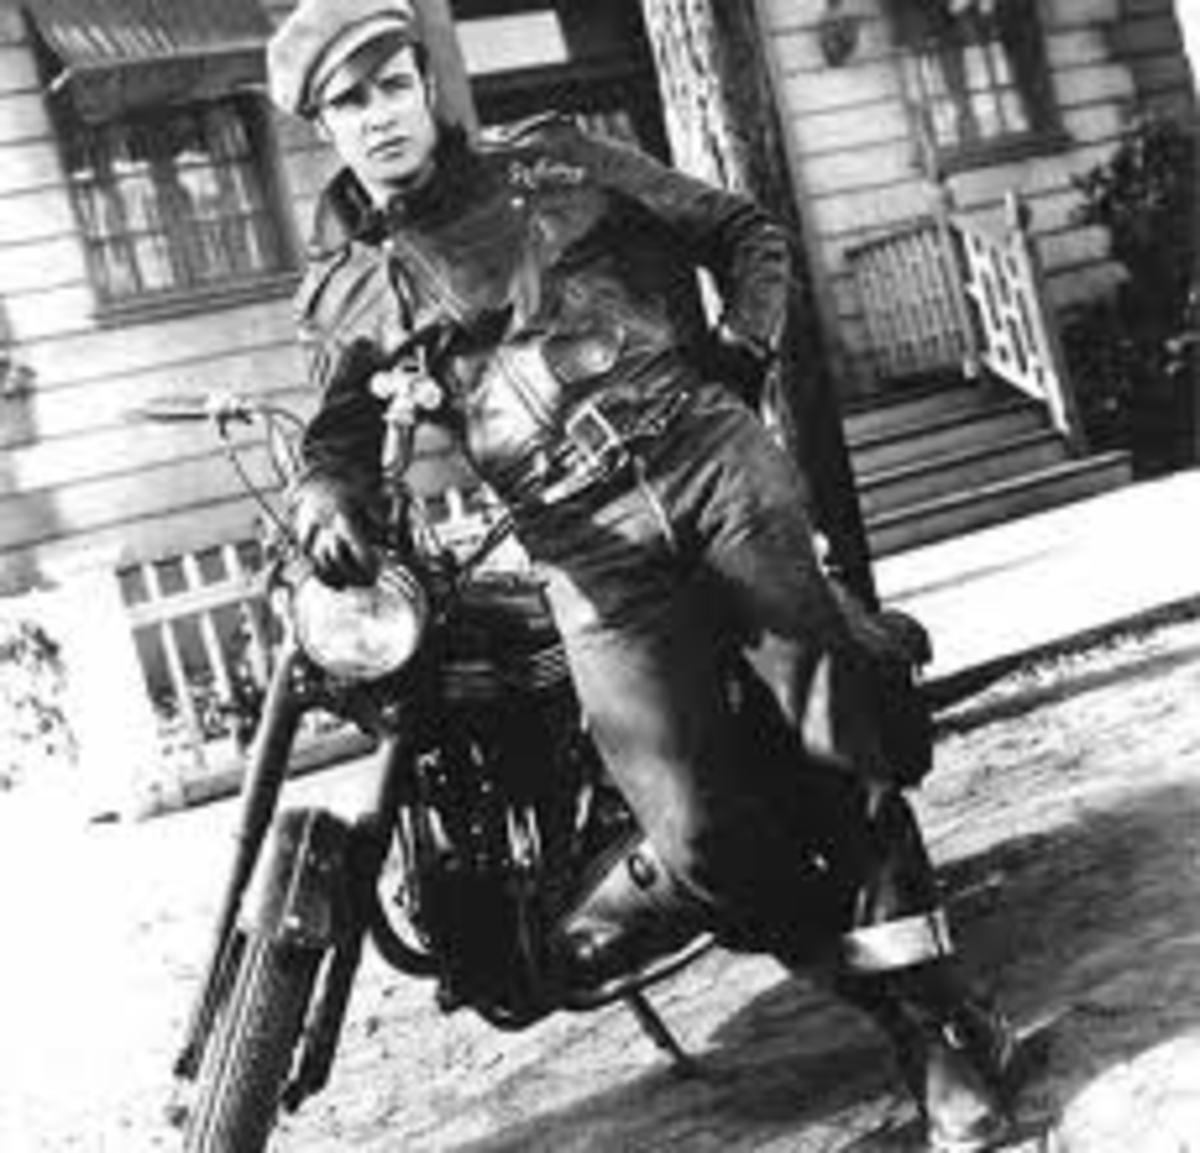 Marlon Brando in Levis